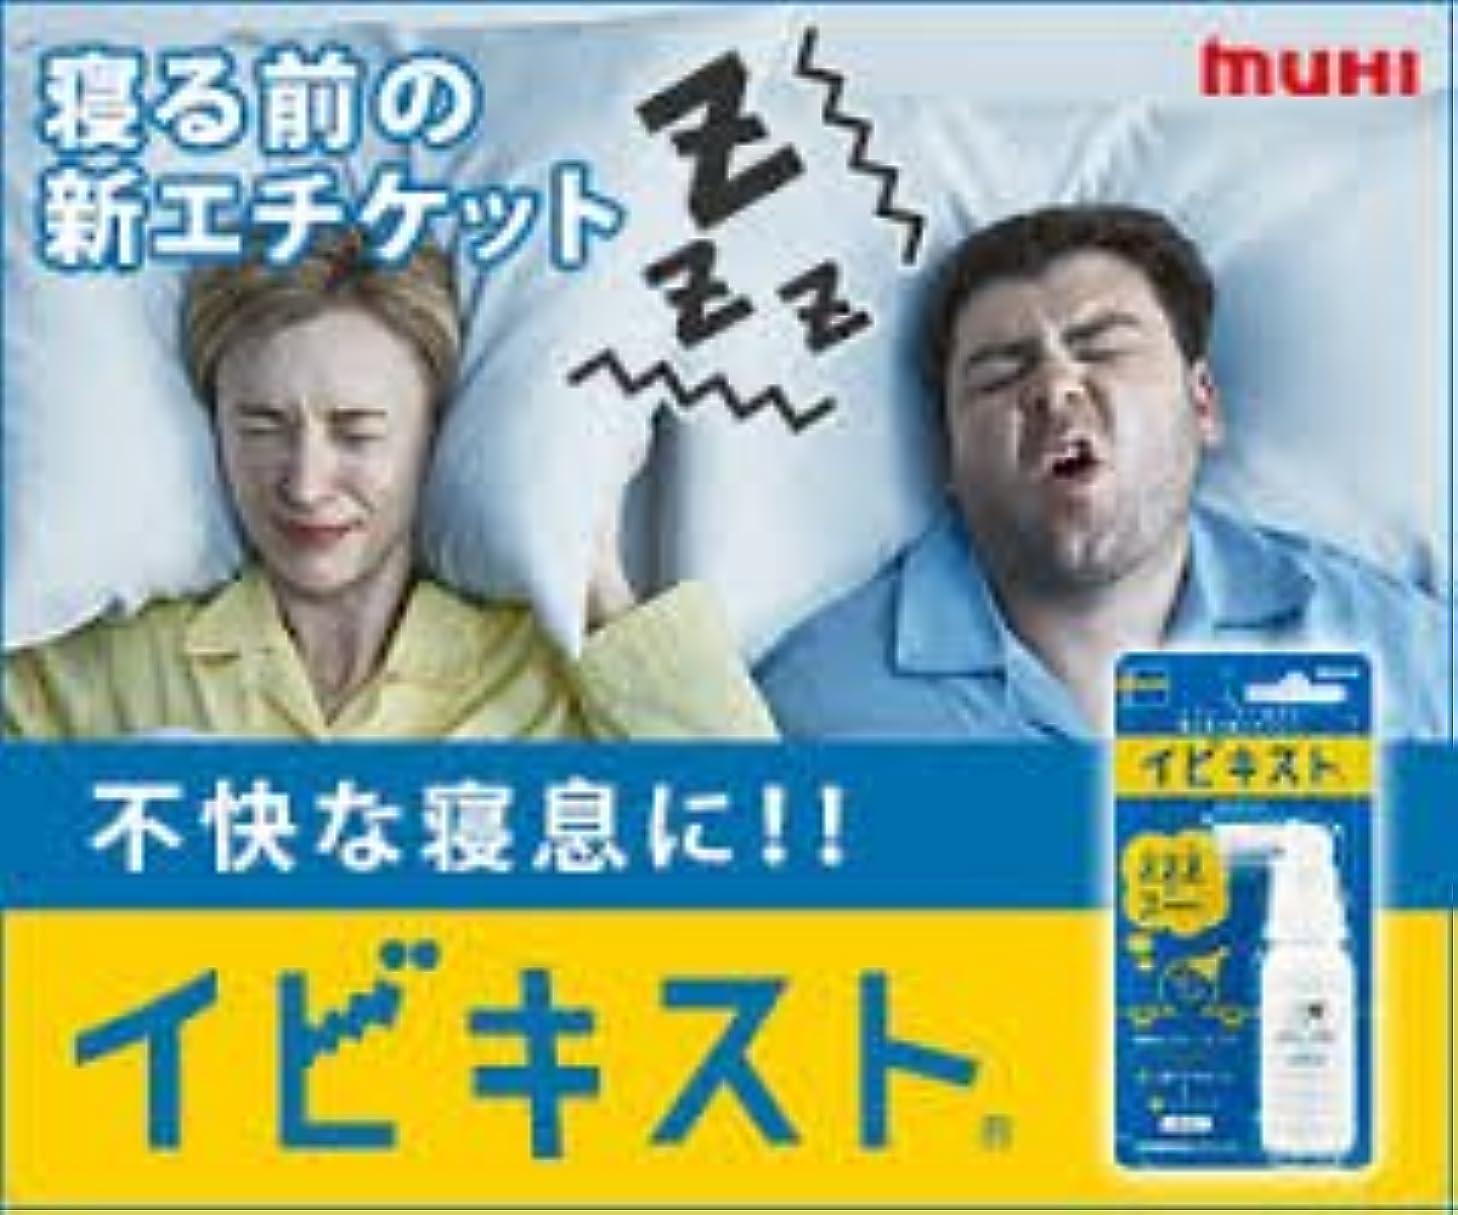 崩壊伝染性の薬用【4個】池田模範堂 イビキスト 25gx4個 (4987426002510-4)